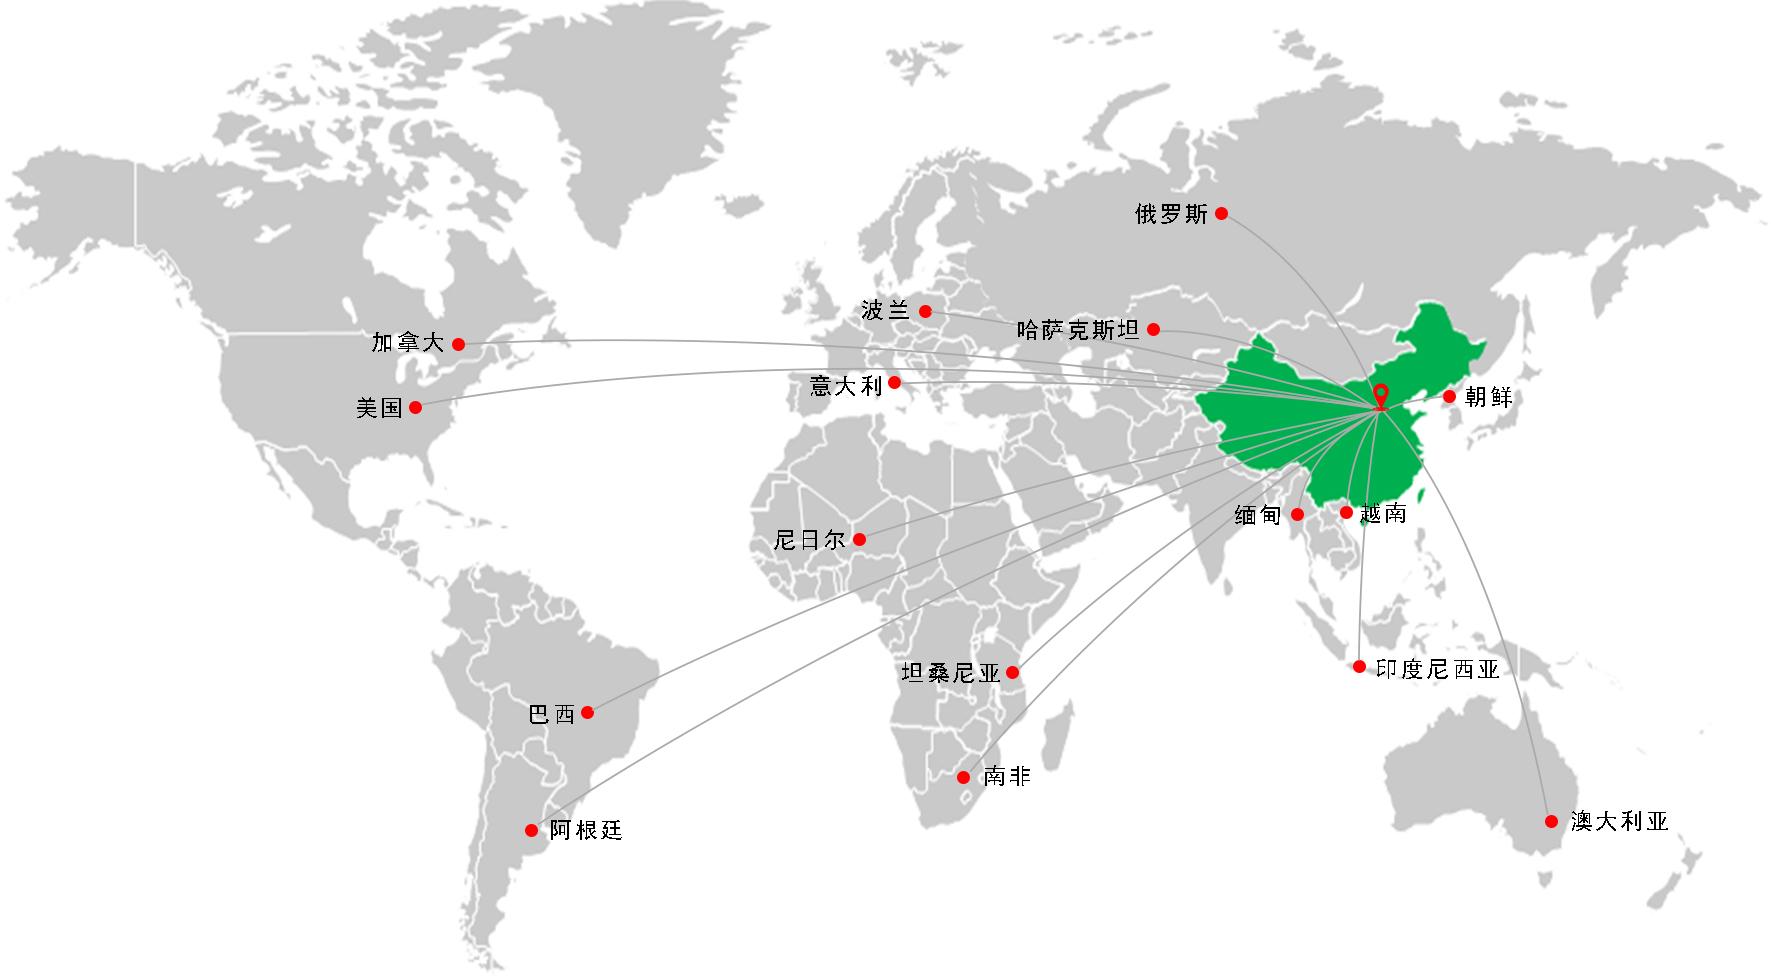 世界銷售網絡.jpg